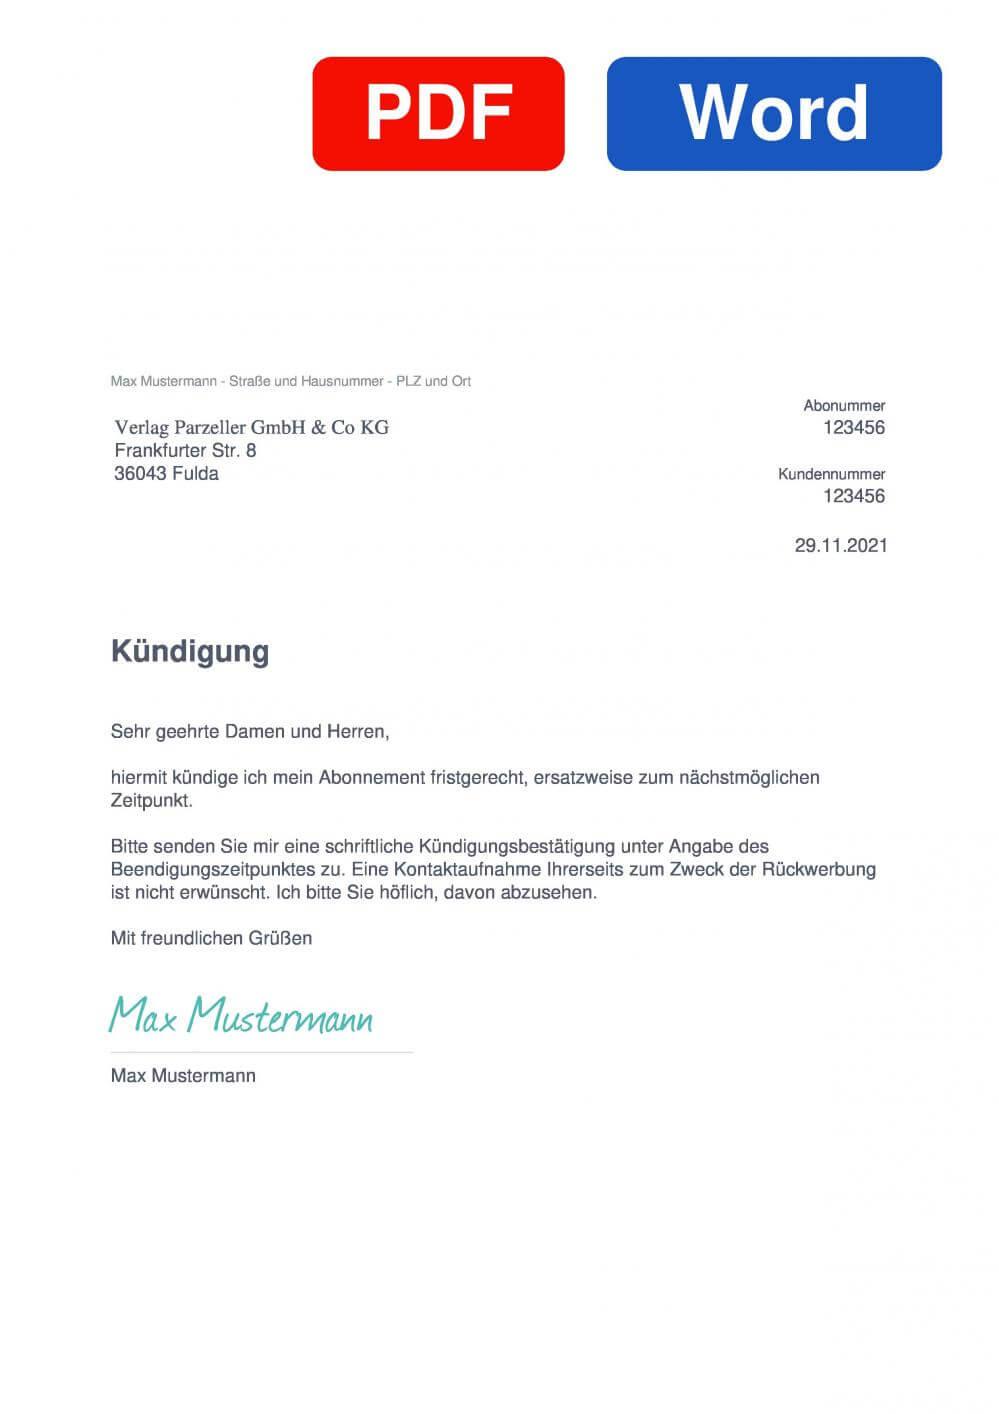 Fuldaer Zeitung Muster Vorlage für Kündigungsschreiben